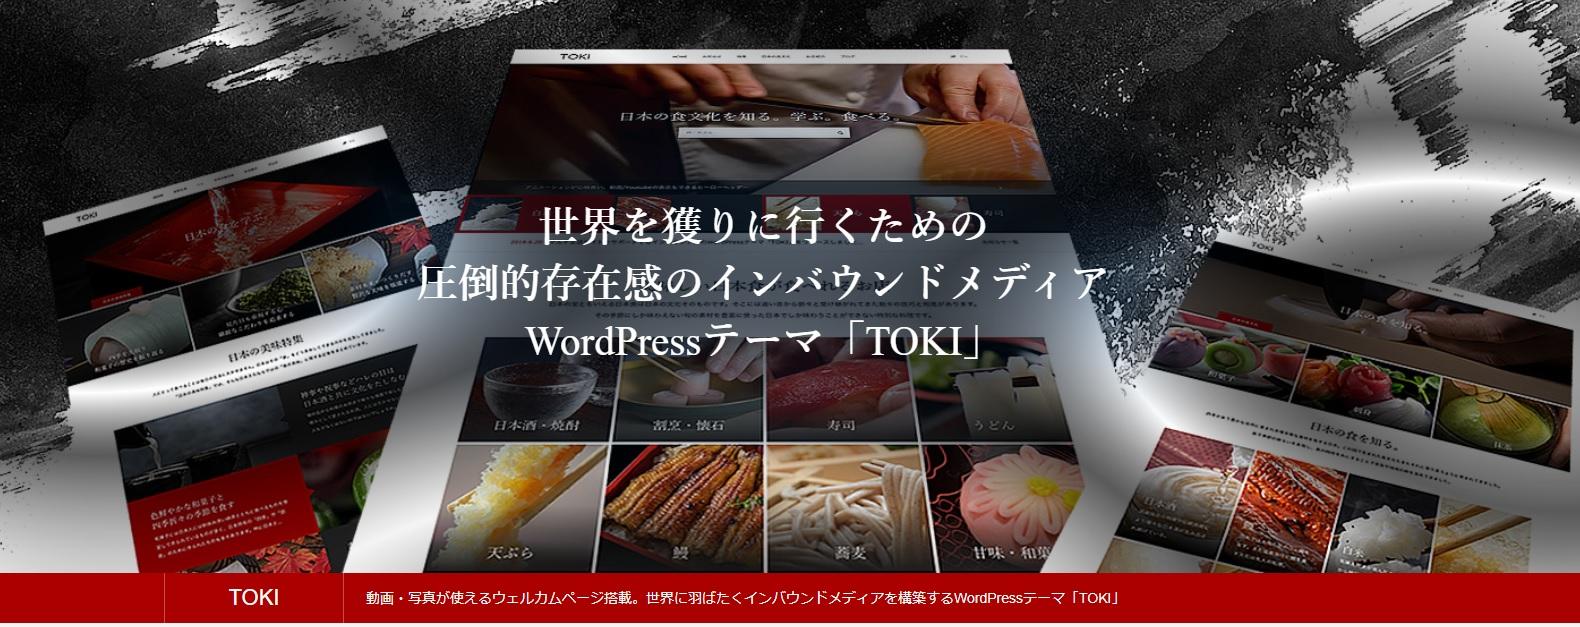 wordpress-theme-toki-tcd069